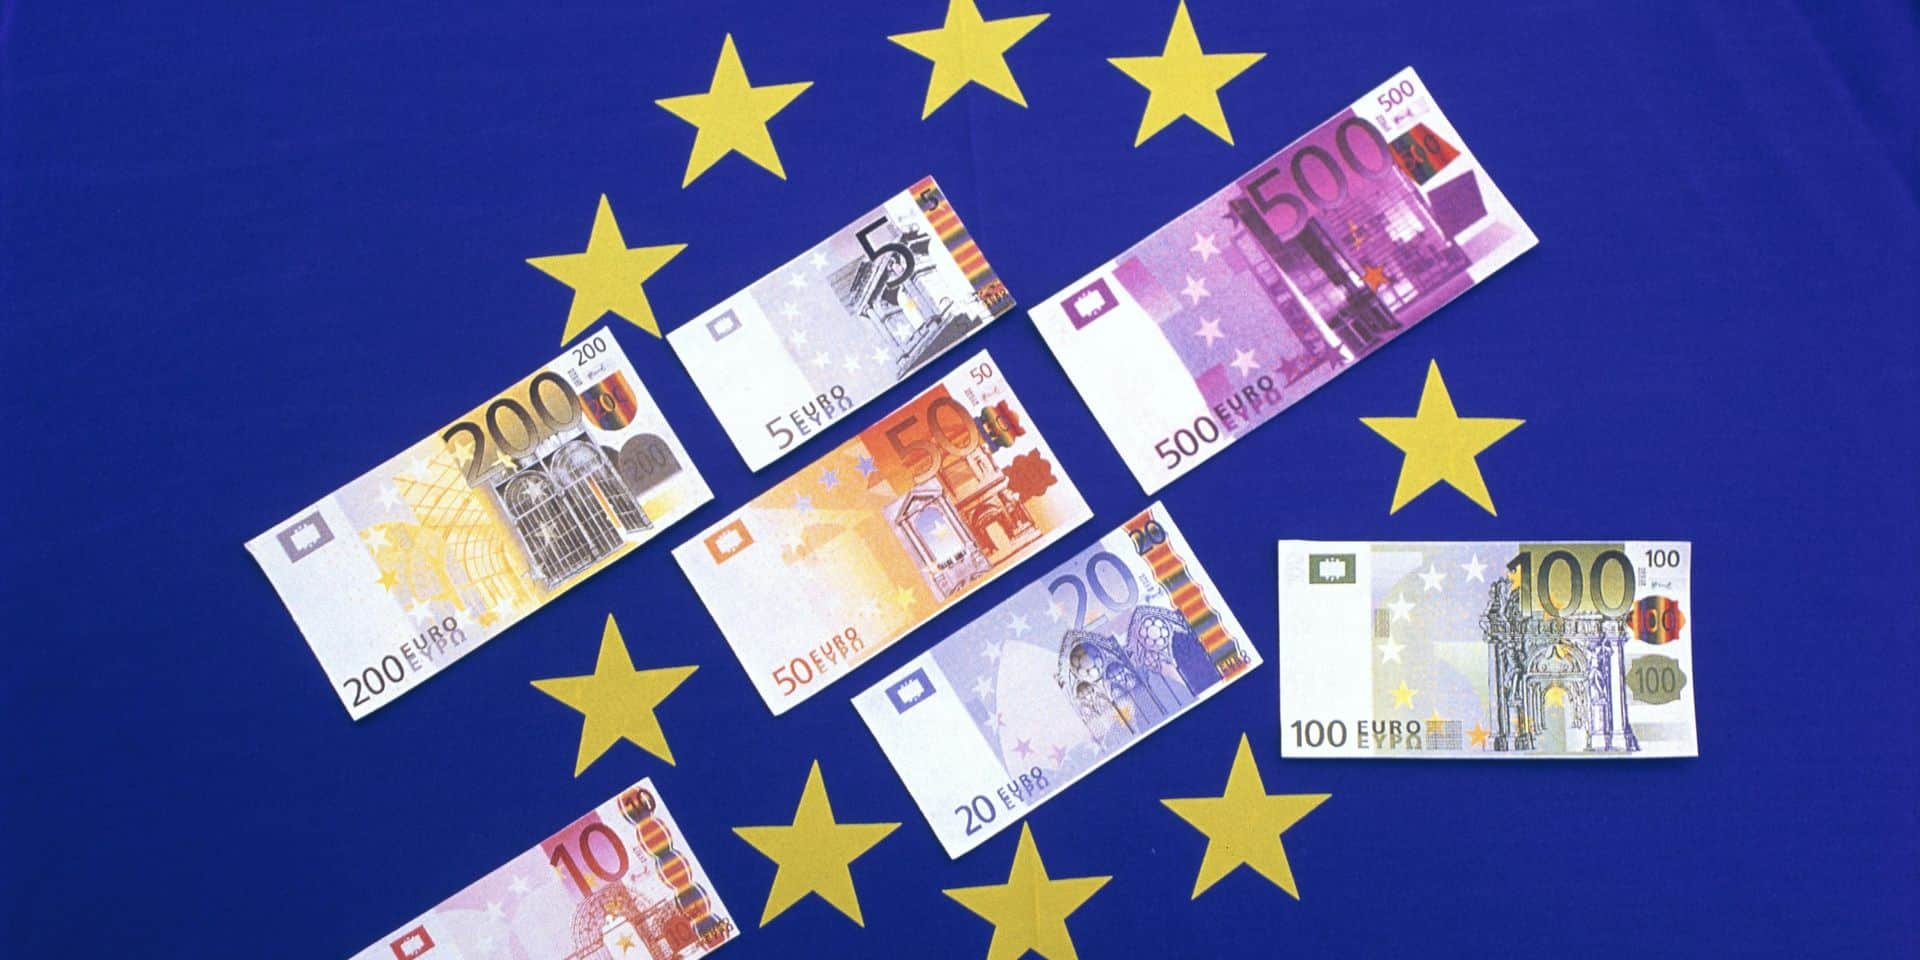 La Cour des comptes souhaite que l'Union européenne dépense plus efficacement son argent